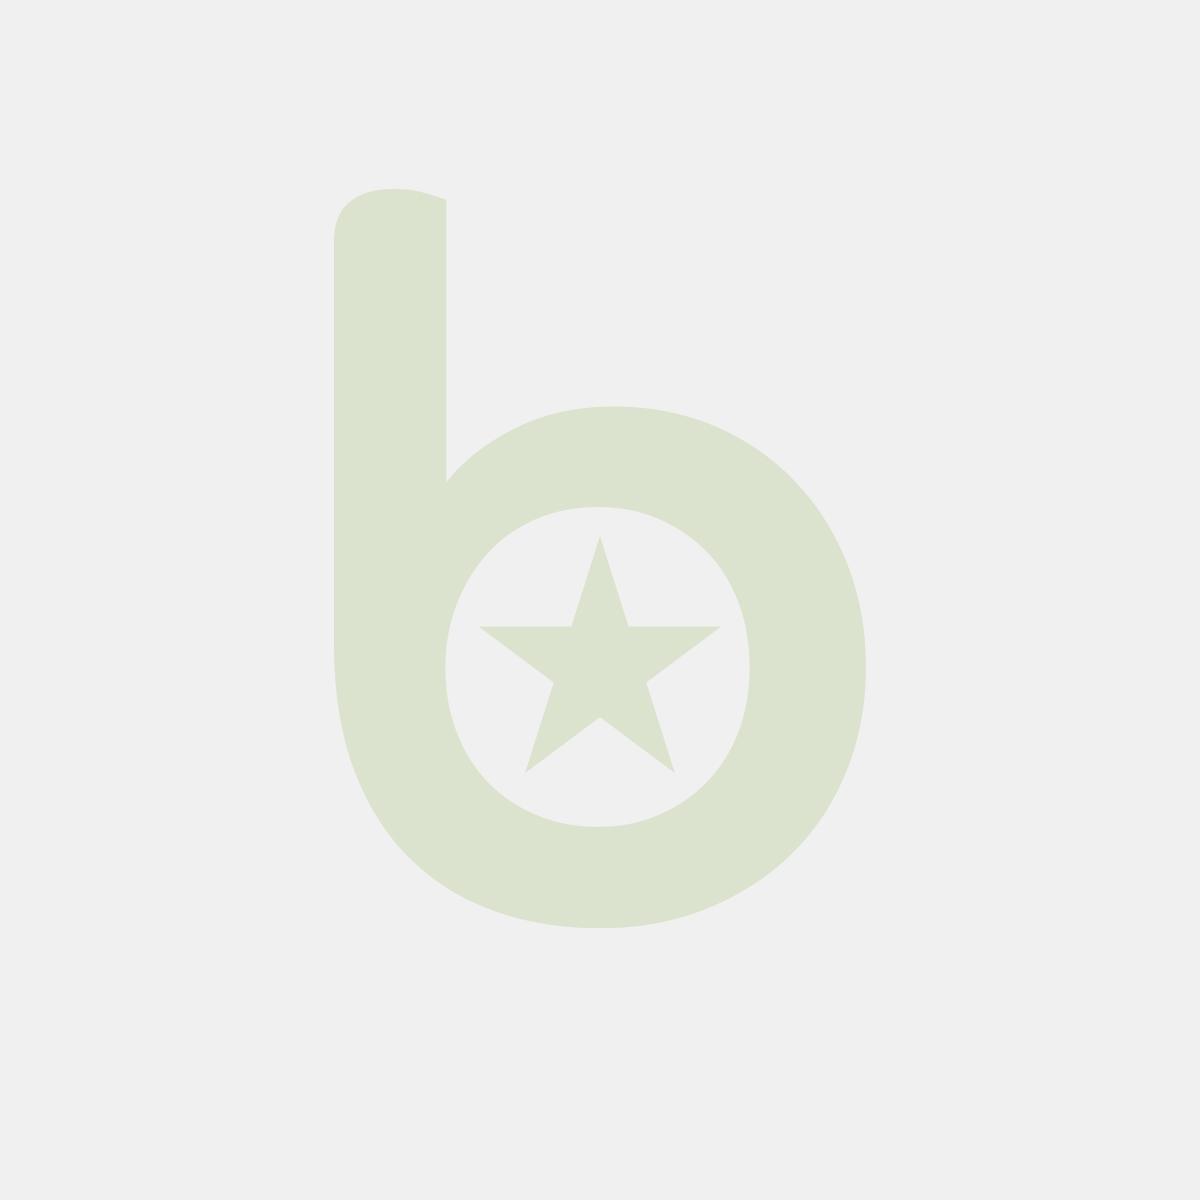 Płyta Grzewcza Gazowa Z Dodatkowymi 2 Palnikami, Z Piekarnikiem Gazowym Gn 2/1 Oraz Dodatkową Szafką, Linia 900